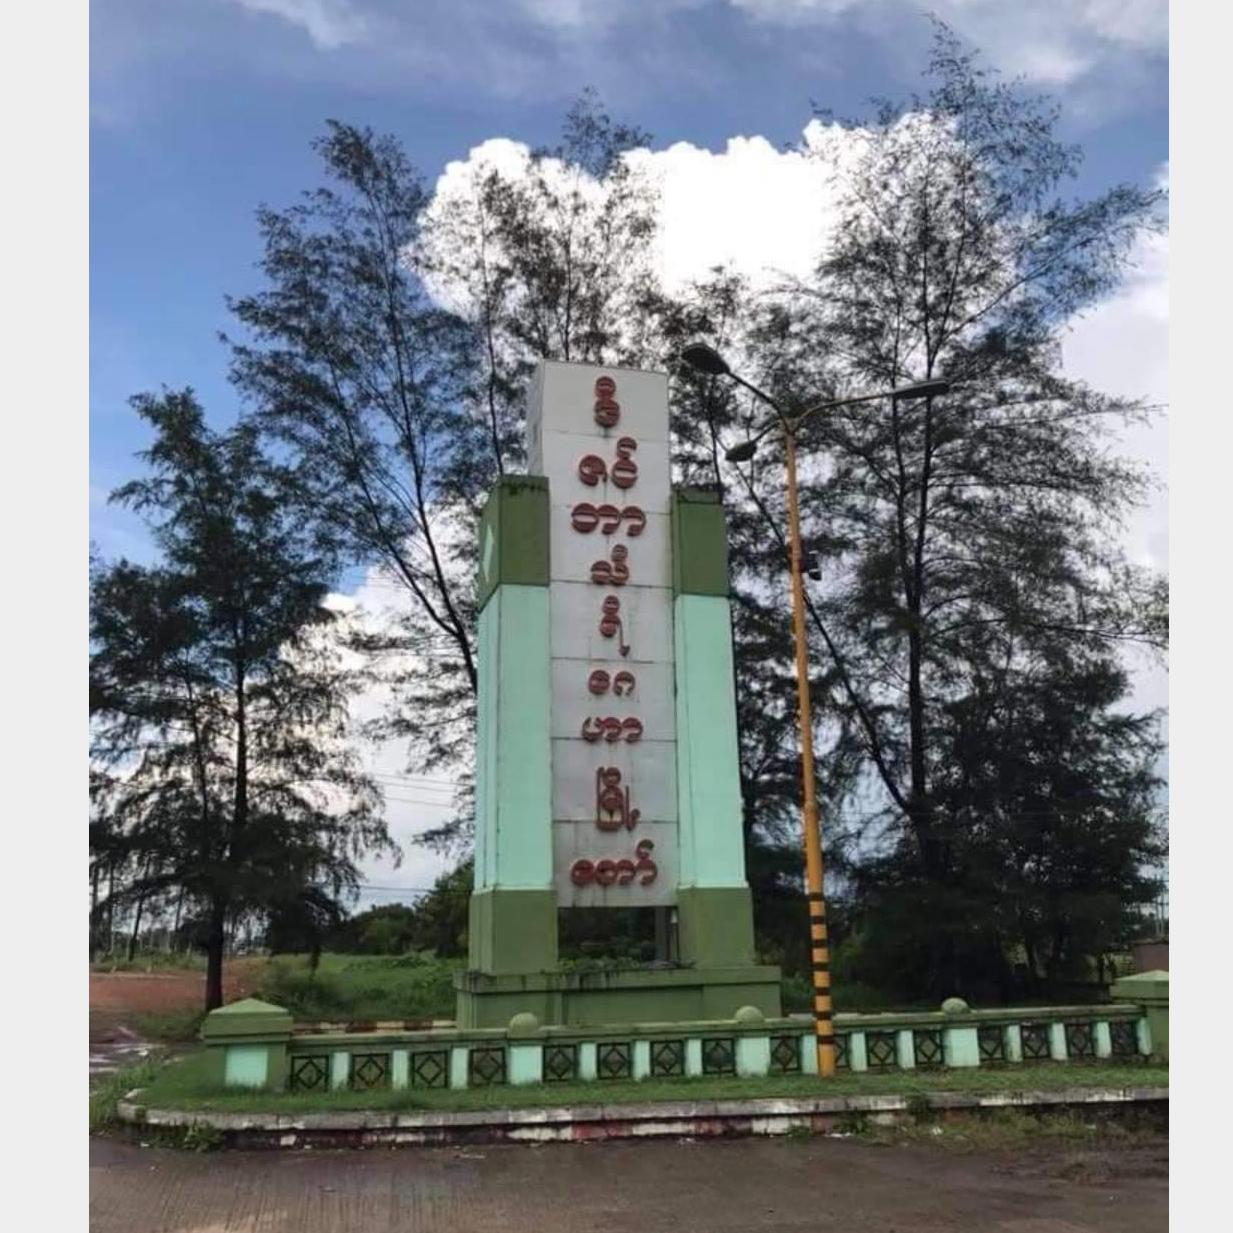 စျေးတန်တိုက်ခန်းအရောင်း Image, တိုက်ခန်း classified, Myanmar marketplace, Myanmarkt